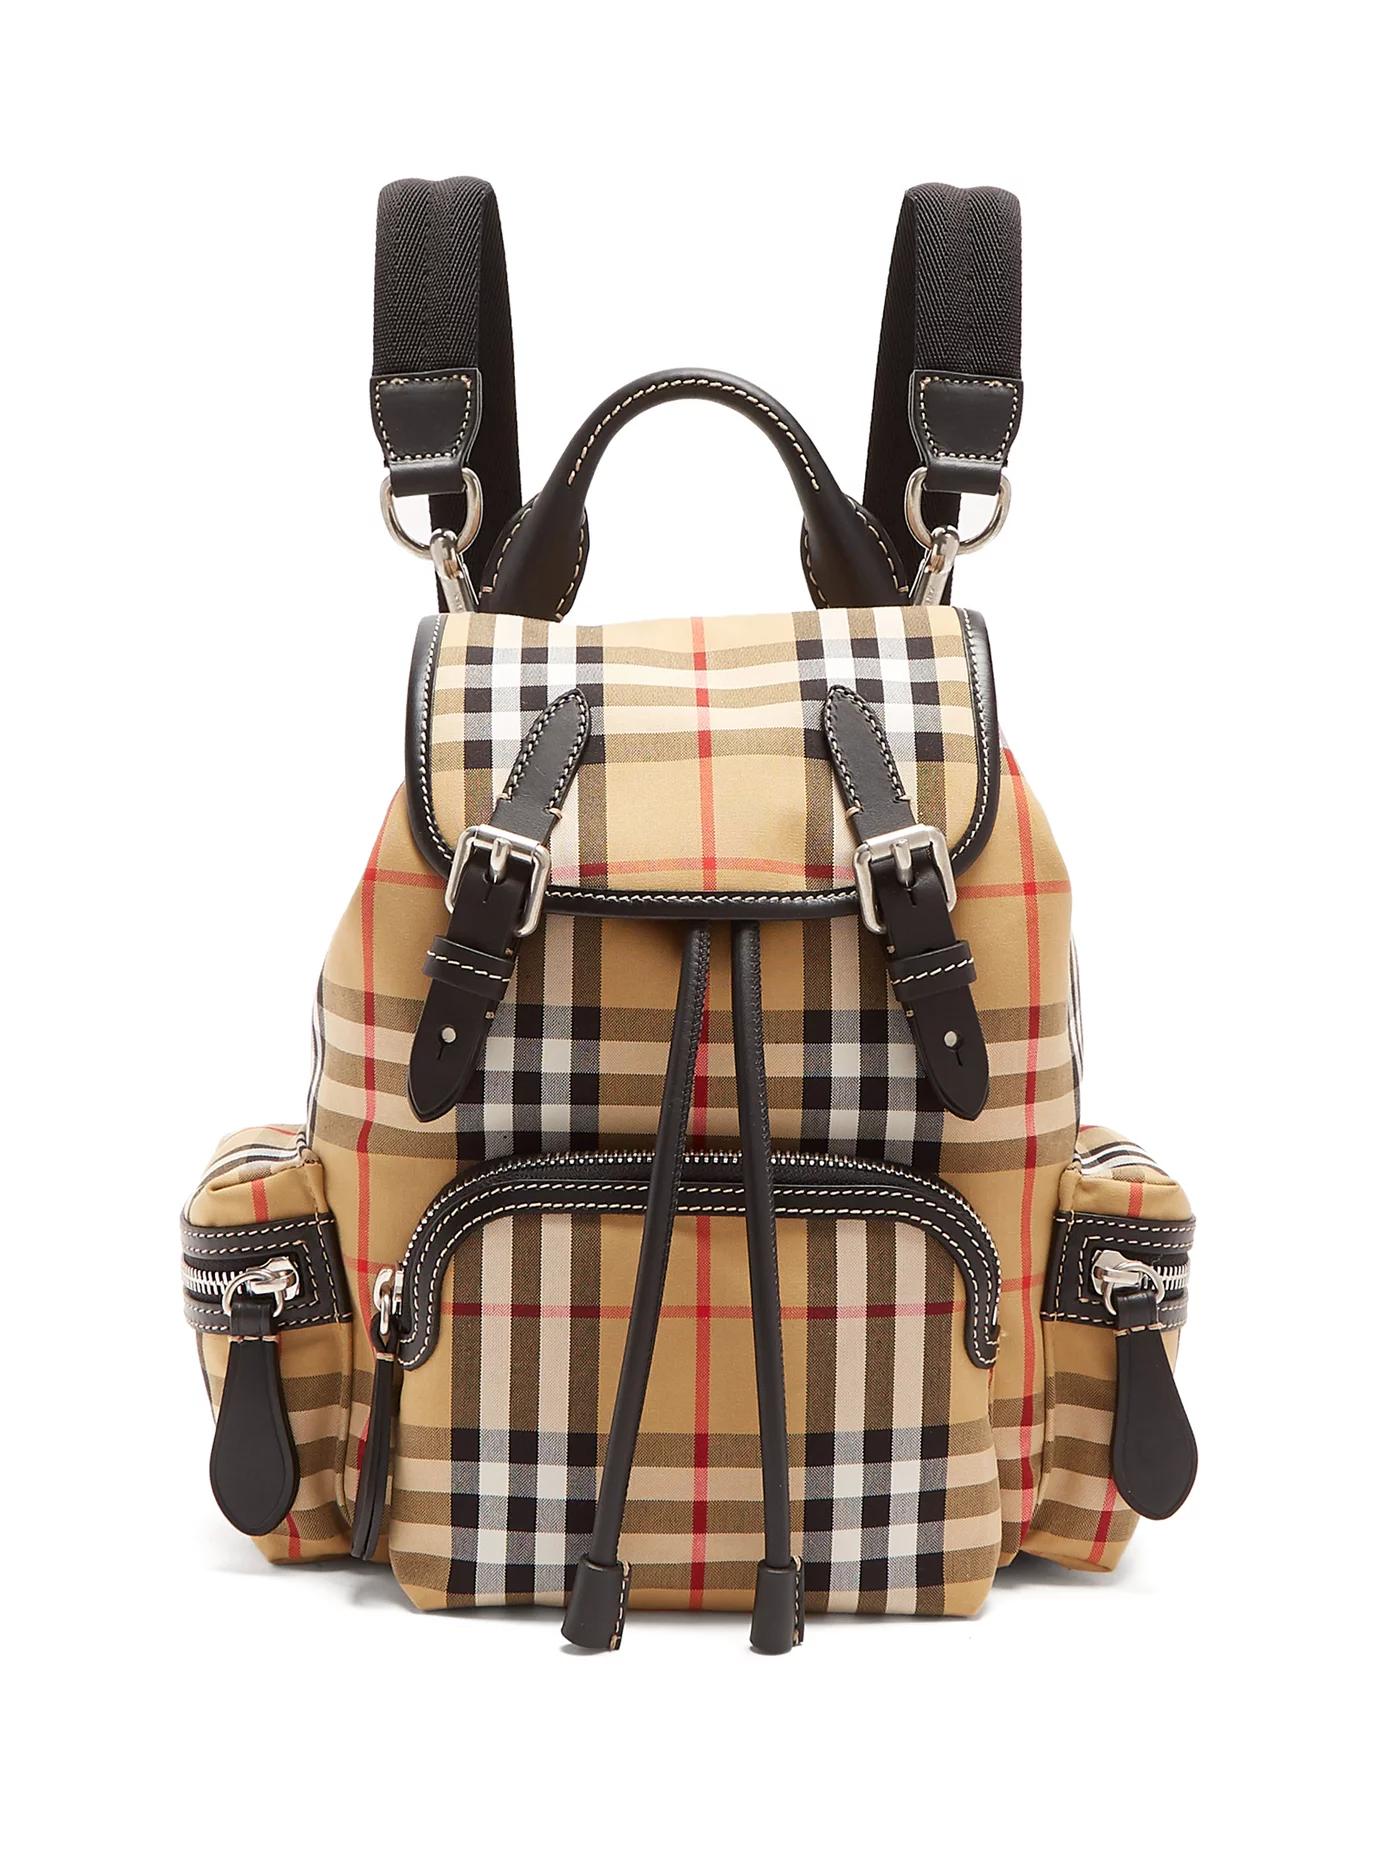 7a7d17eb99 Mini Backpacks Spring Handbag Trend For Women